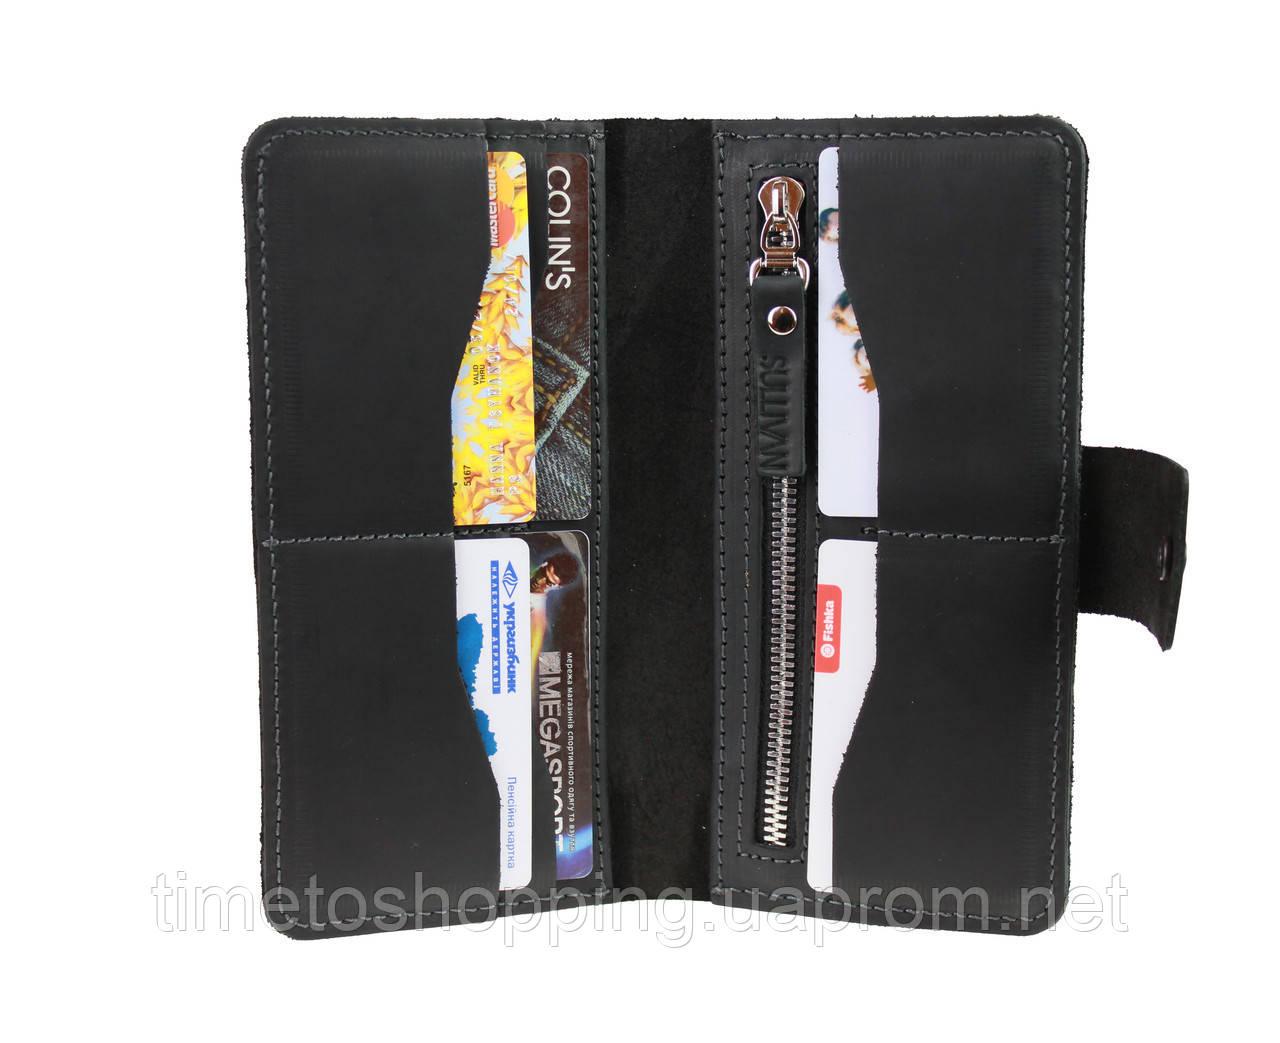 Кошелек мужской большой купюрник для денег портмоне картхолдер SULLIVAN  kmk45(10) черный